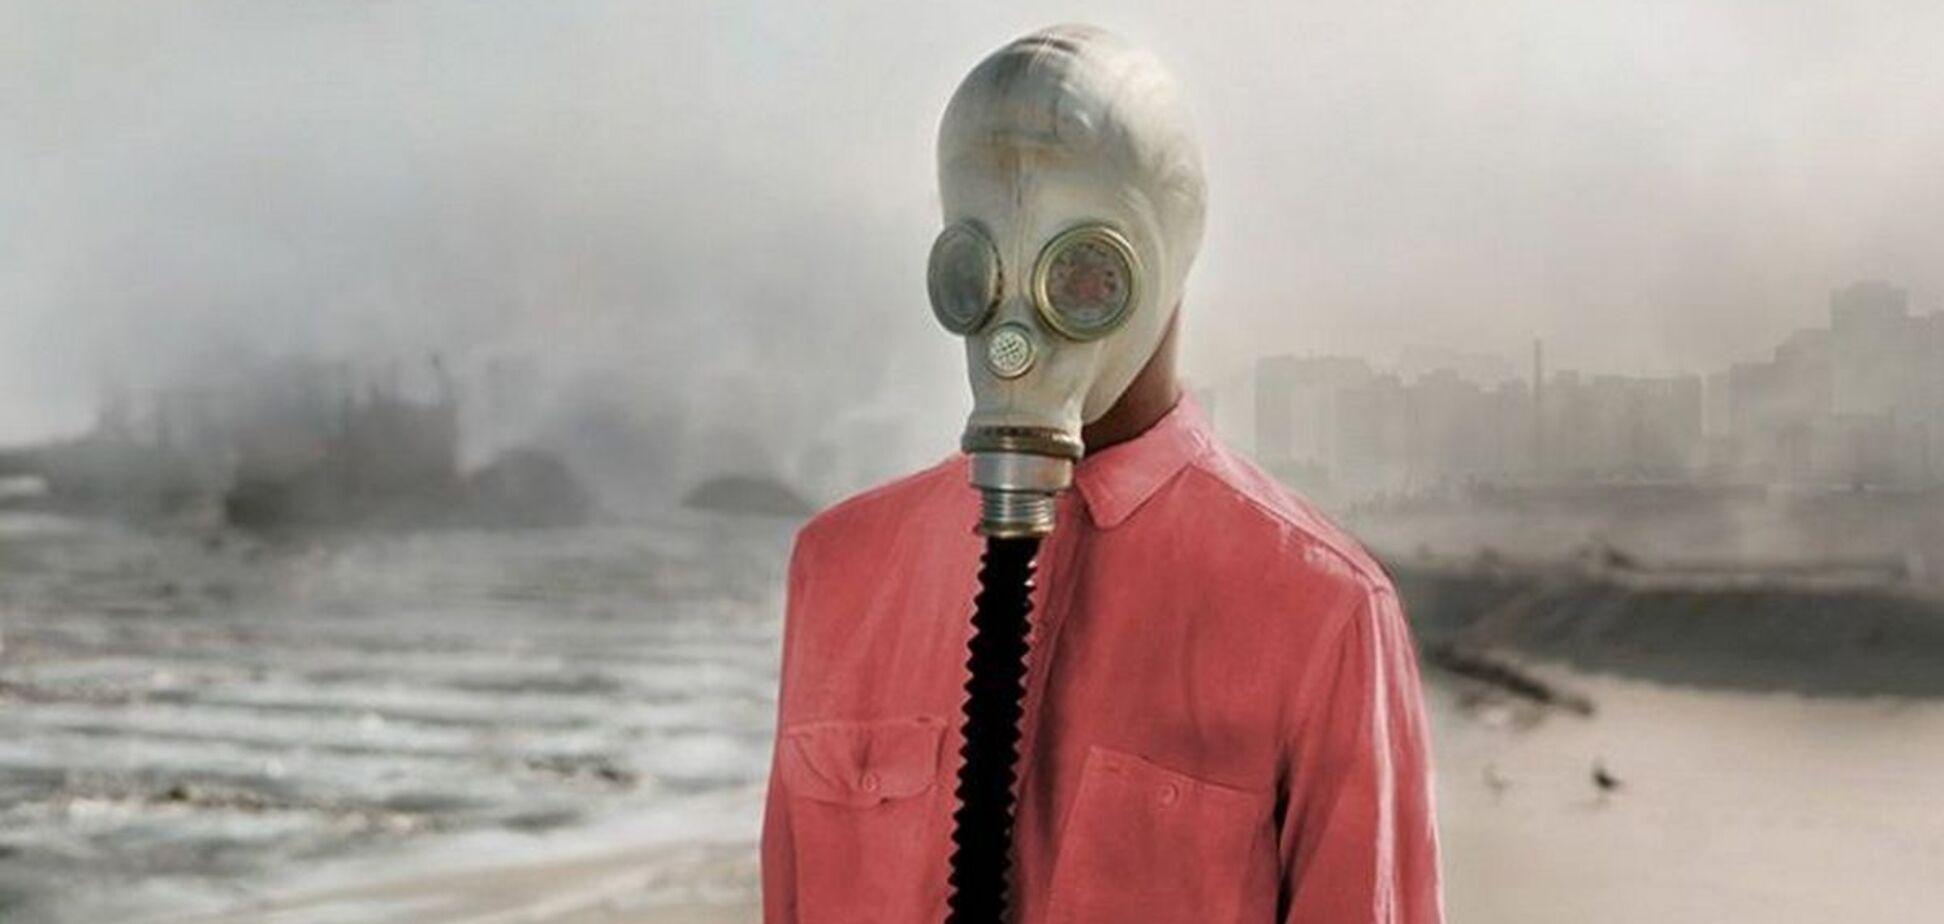 Абрамовський назвав головну причину брудного повітря в Києві